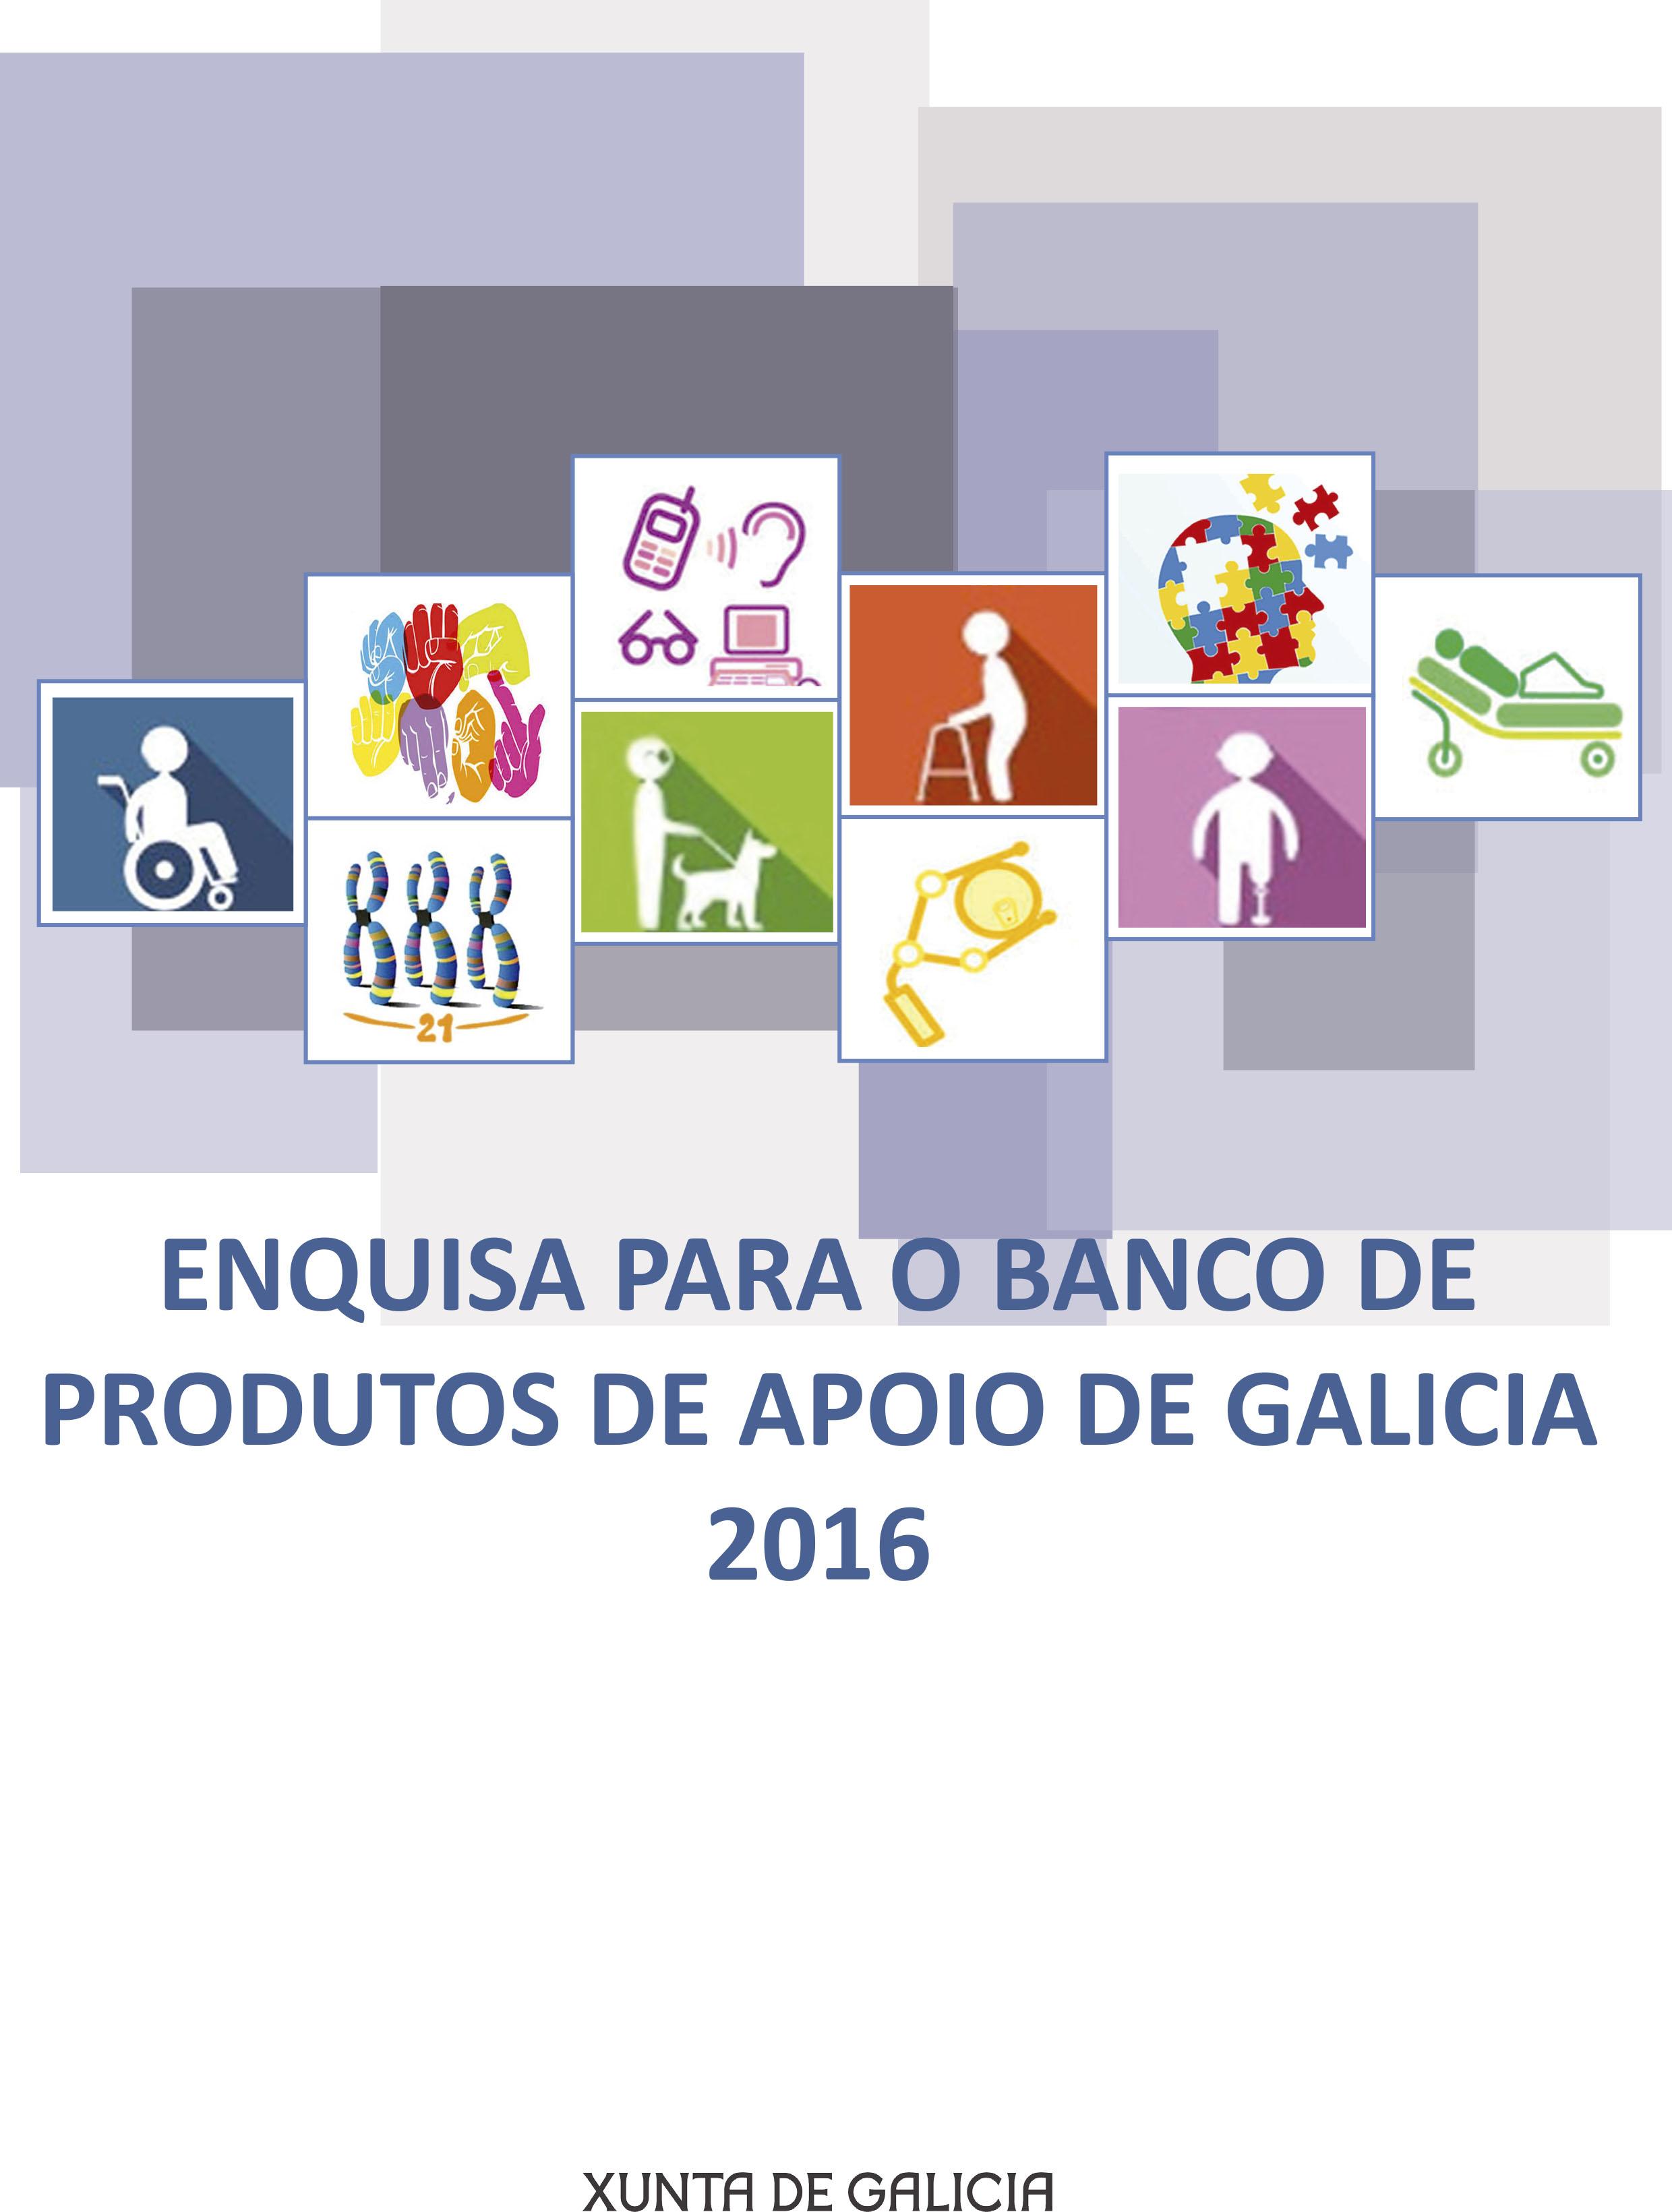 Enquisa para o Banco de produtos de apoio de Galicia 2016